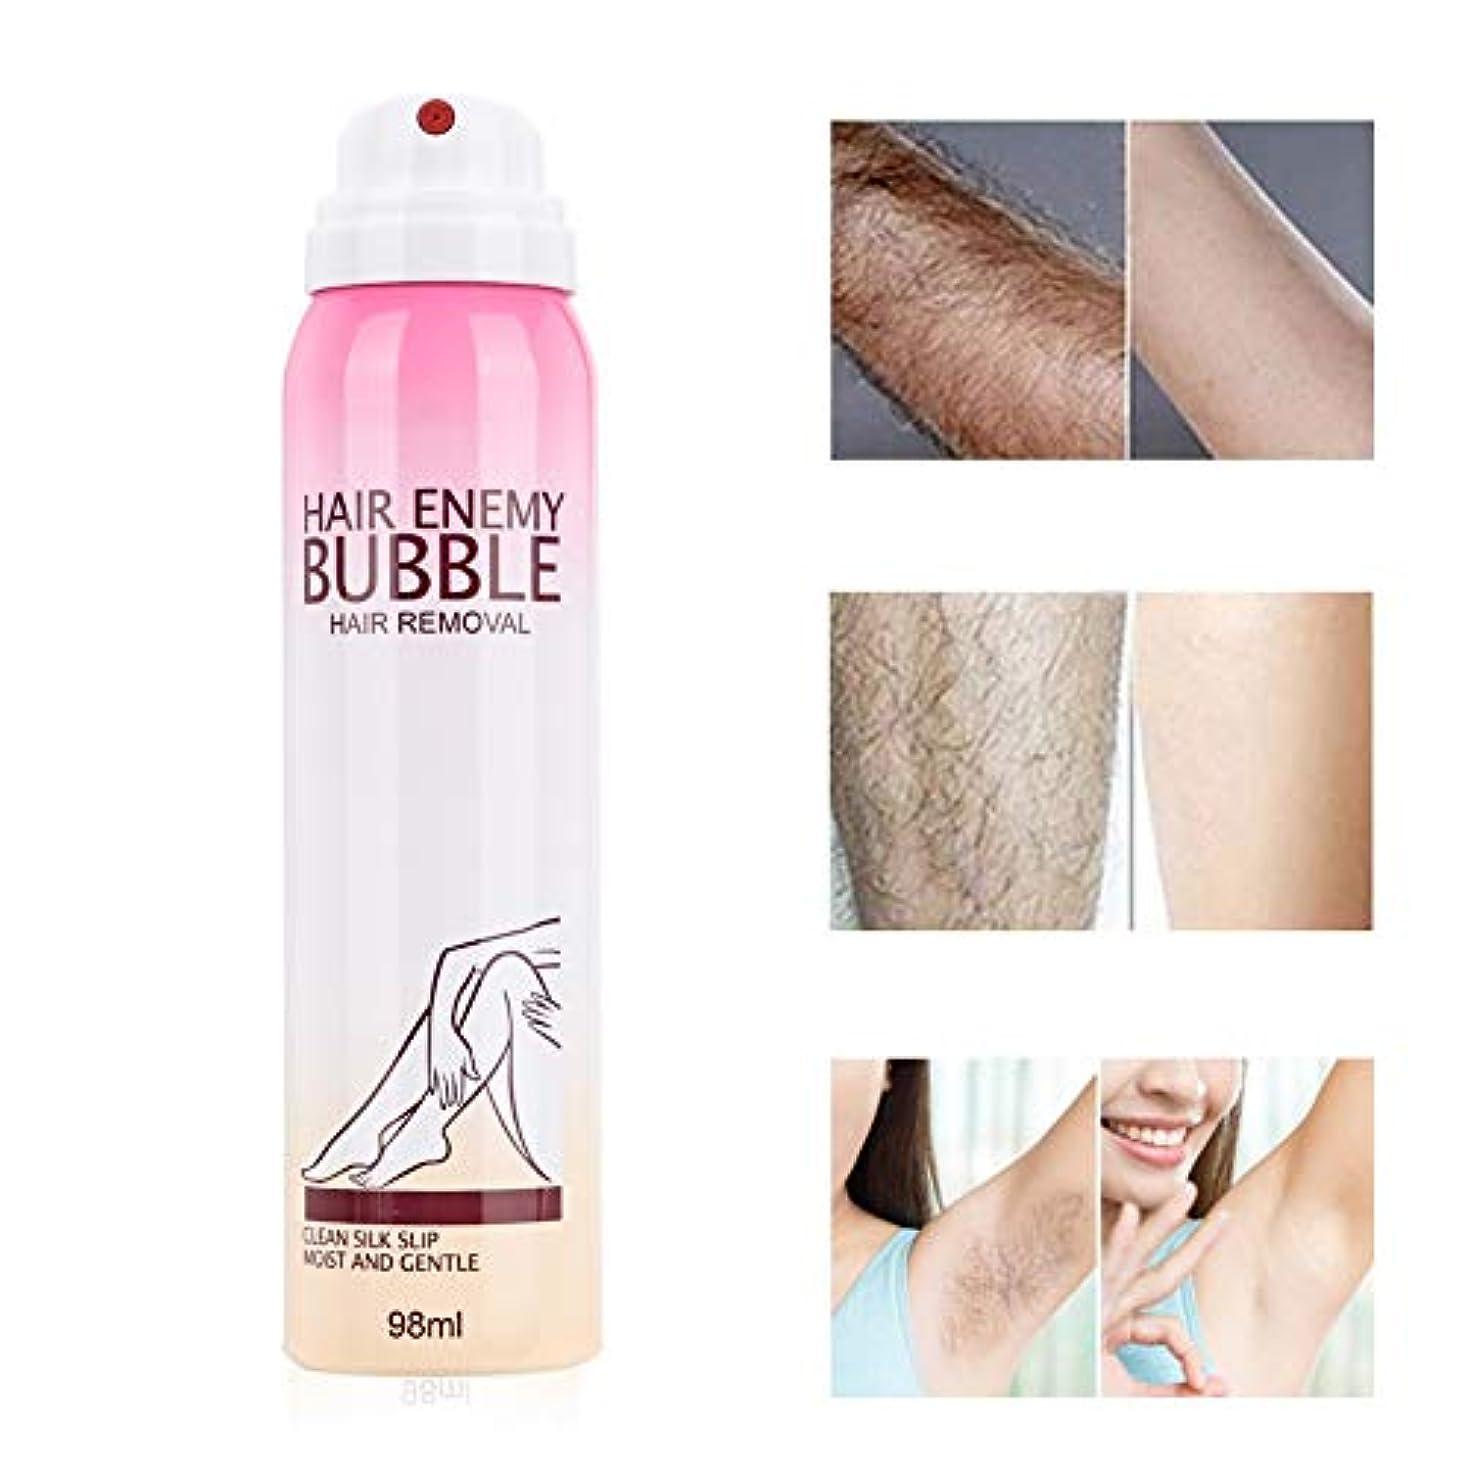 導出弾薬欺く泡毛除去クリーム、ナチュラル痛みのない肌にやさしいソフトと長続きがする女性のためのヘアリムーバースプレー穏やかな脱毛スプレーフォームクリーム98ミリリットル